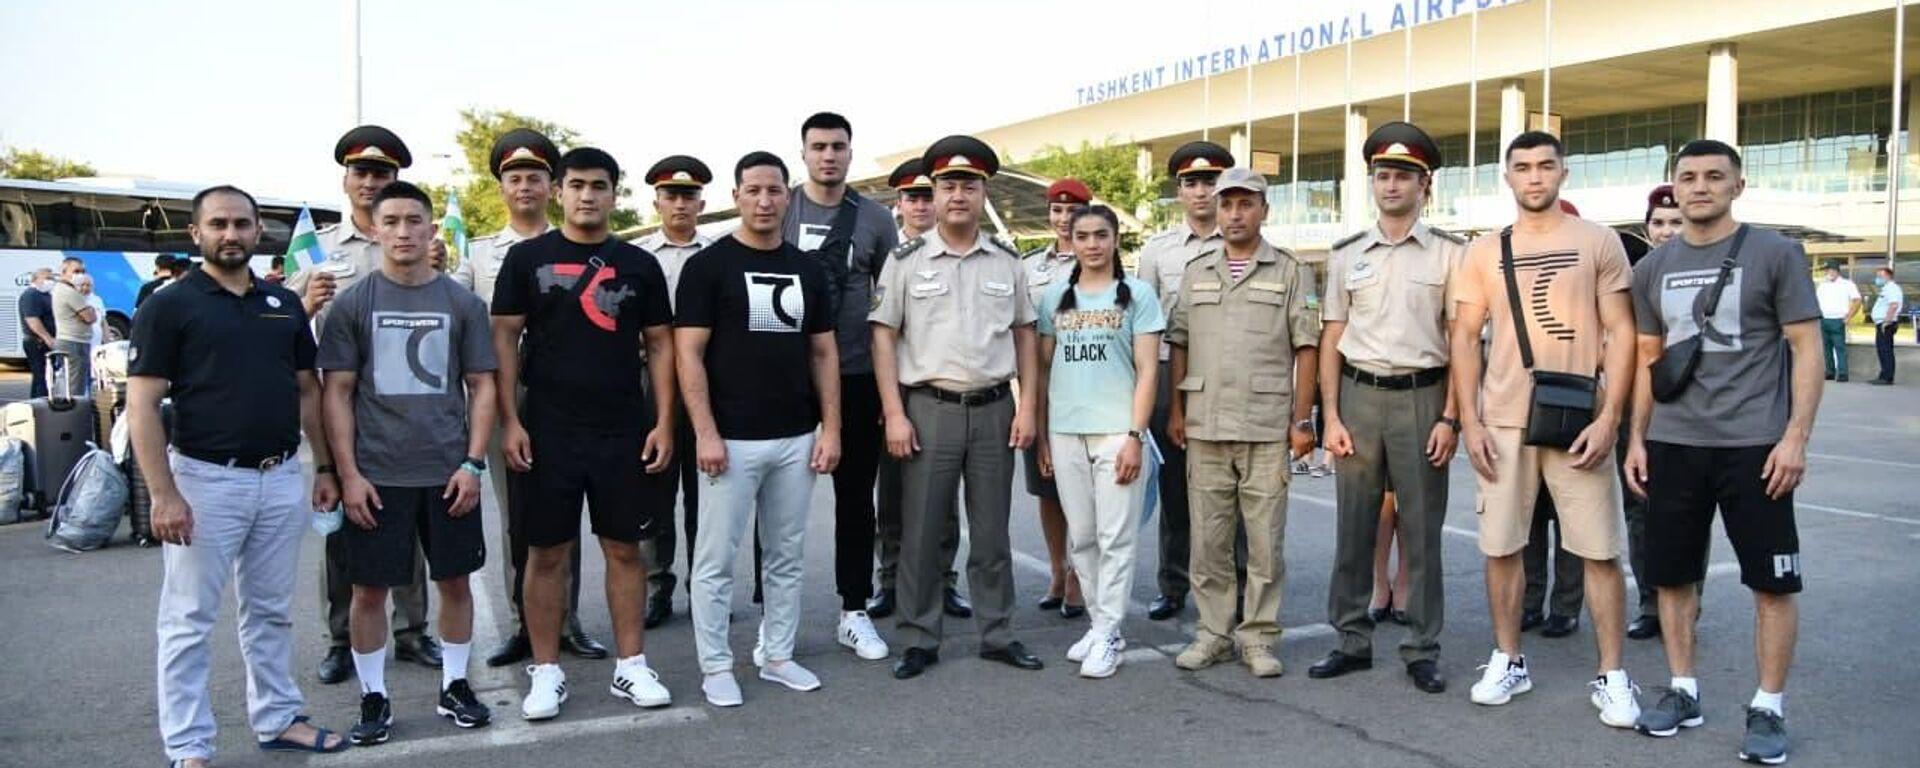 Узбекские боксёры отбыли в Токио - Sputnik Узбекистан, 1920, 05.07.2021